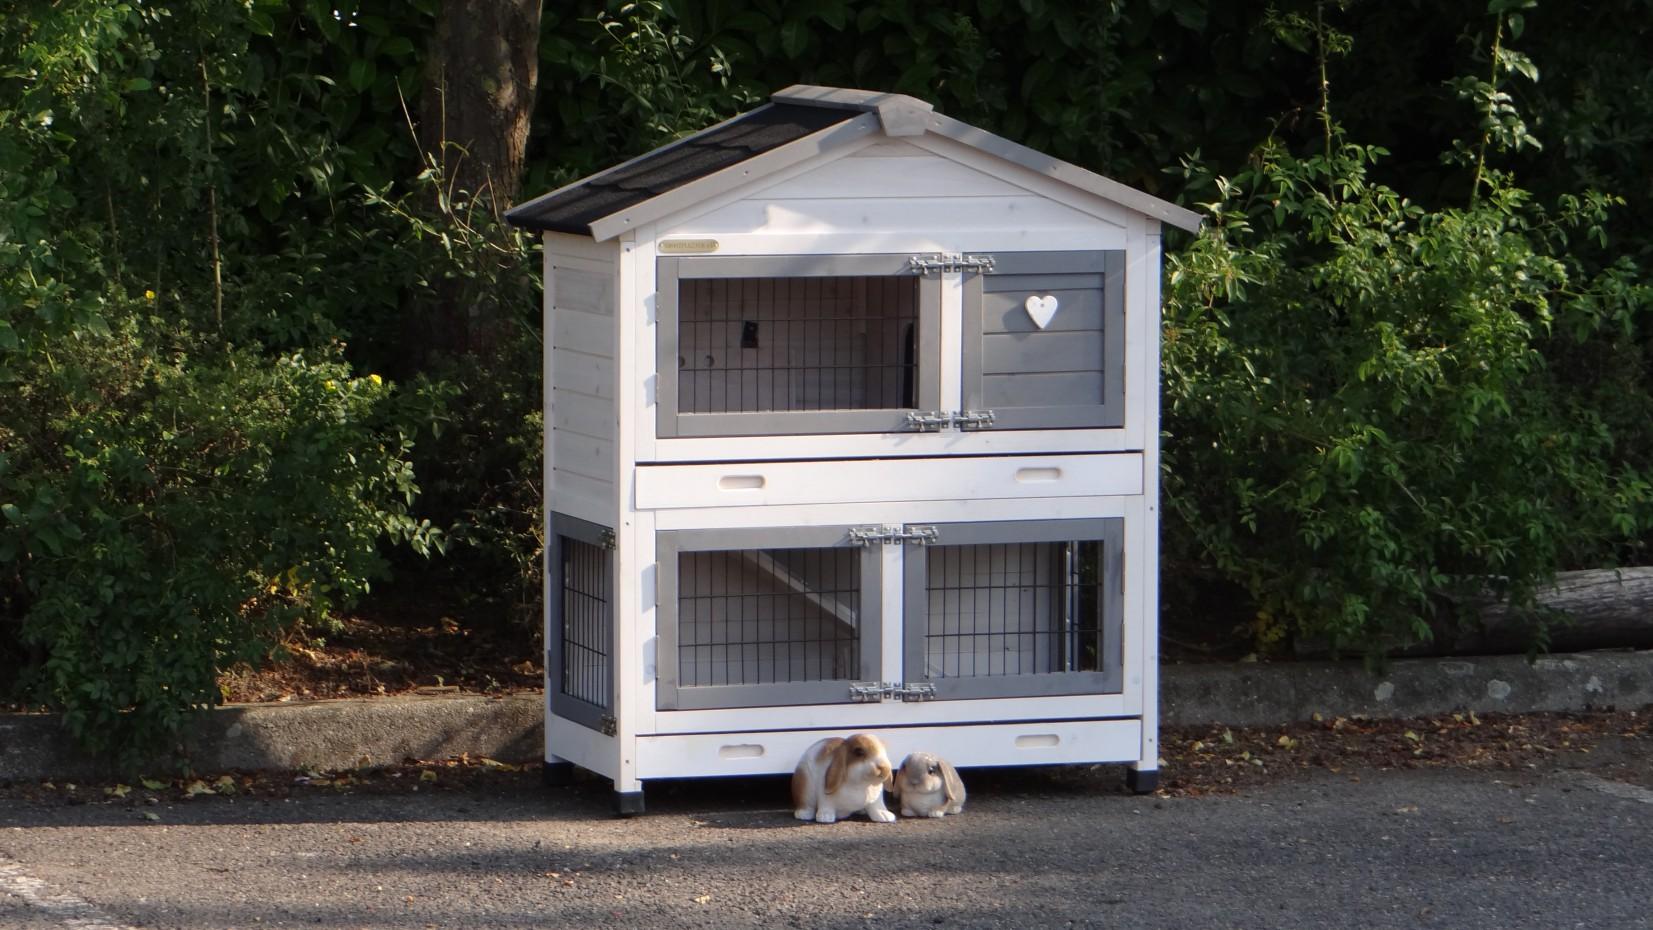 winterfest kaninchenstall excellent small mit isolierset und nageschutz white. Black Bedroom Furniture Sets. Home Design Ideas